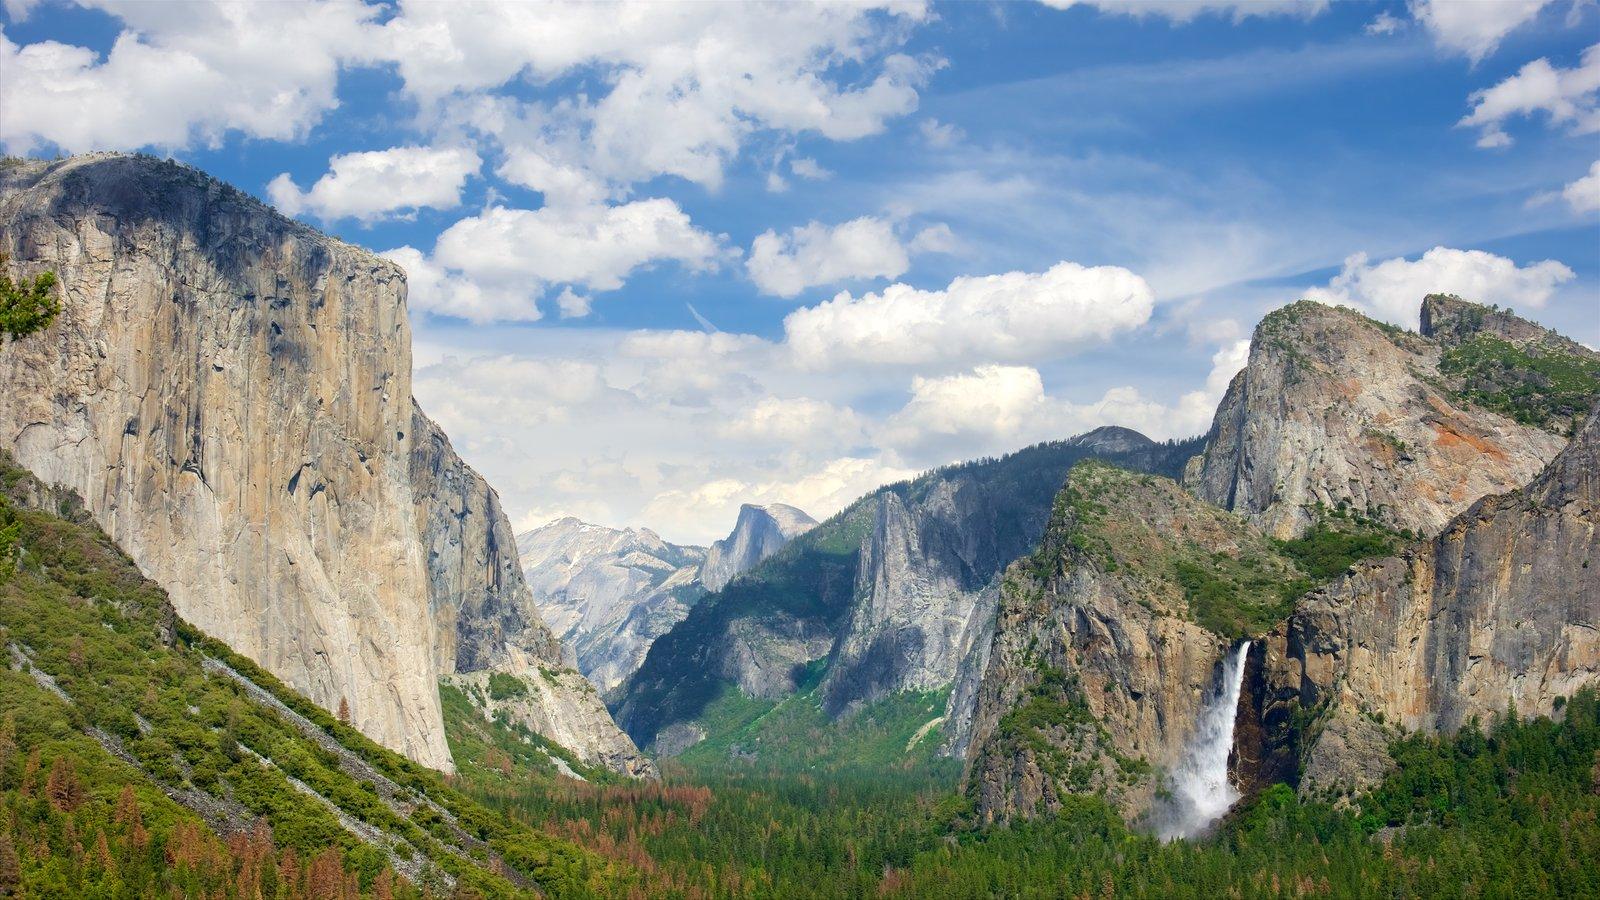 Tunnel View mostrando montanhas, cenas de floresta e paisagem